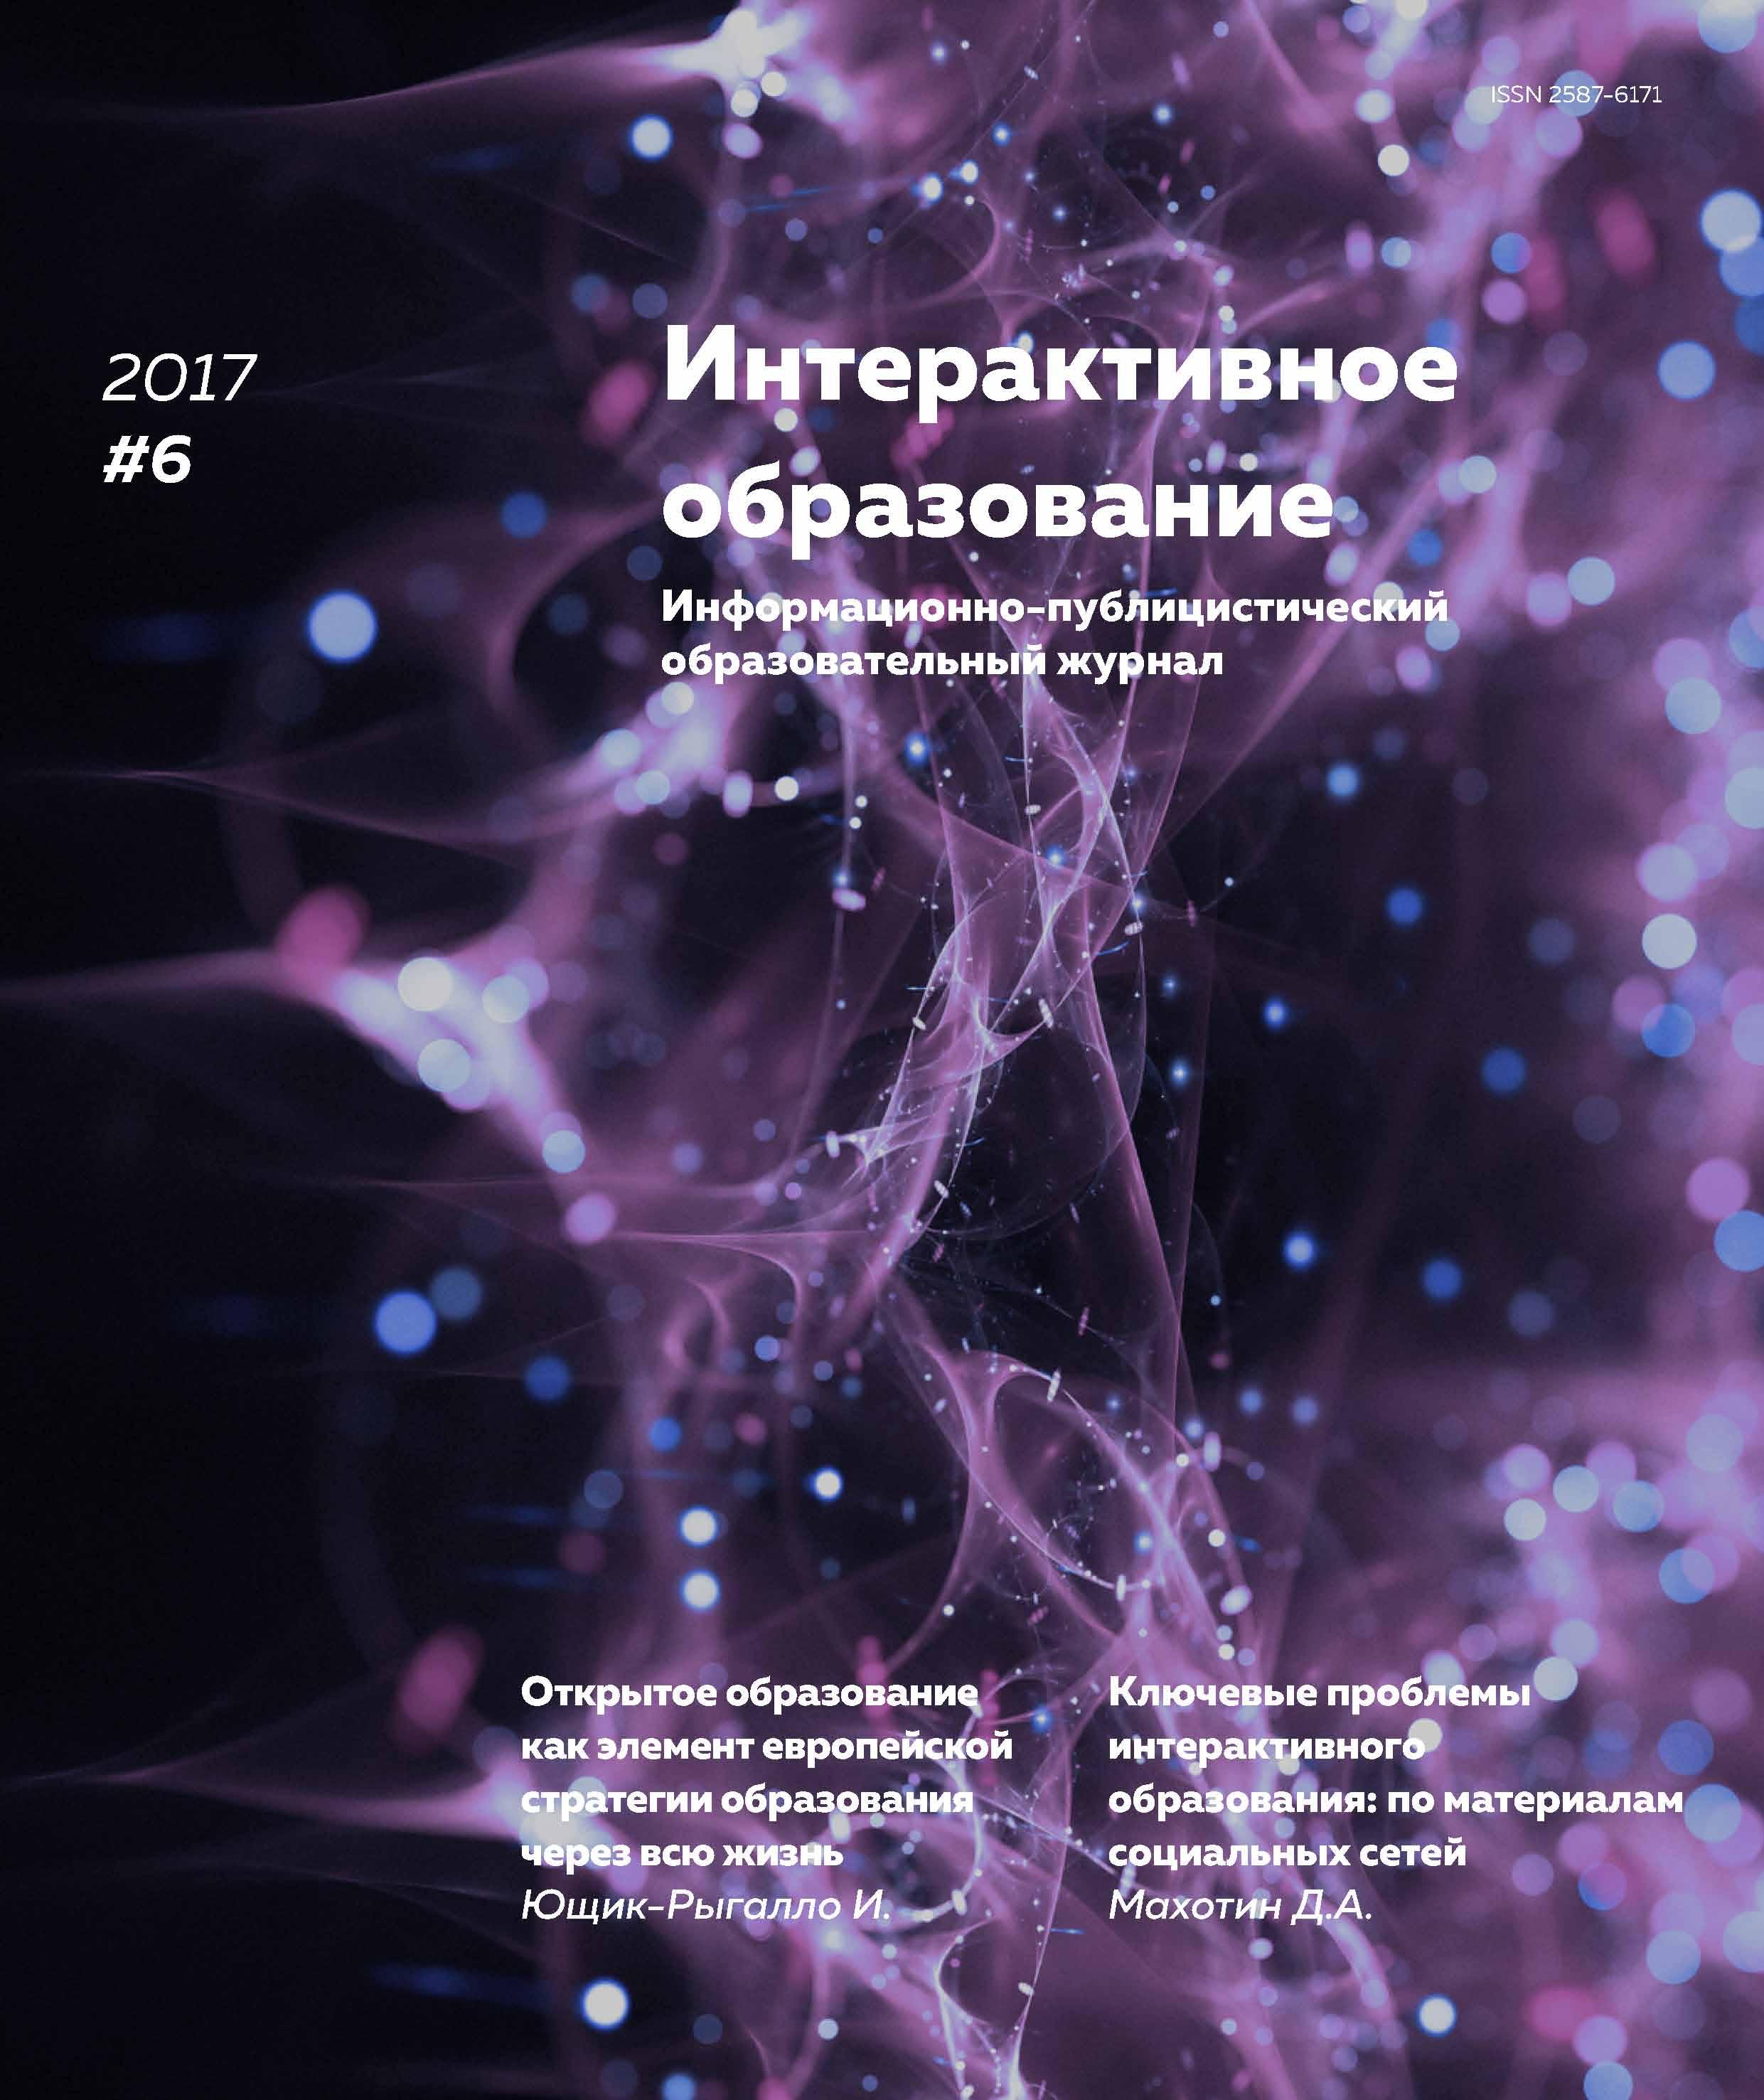 Интерактивное образование № 6 2017 г.